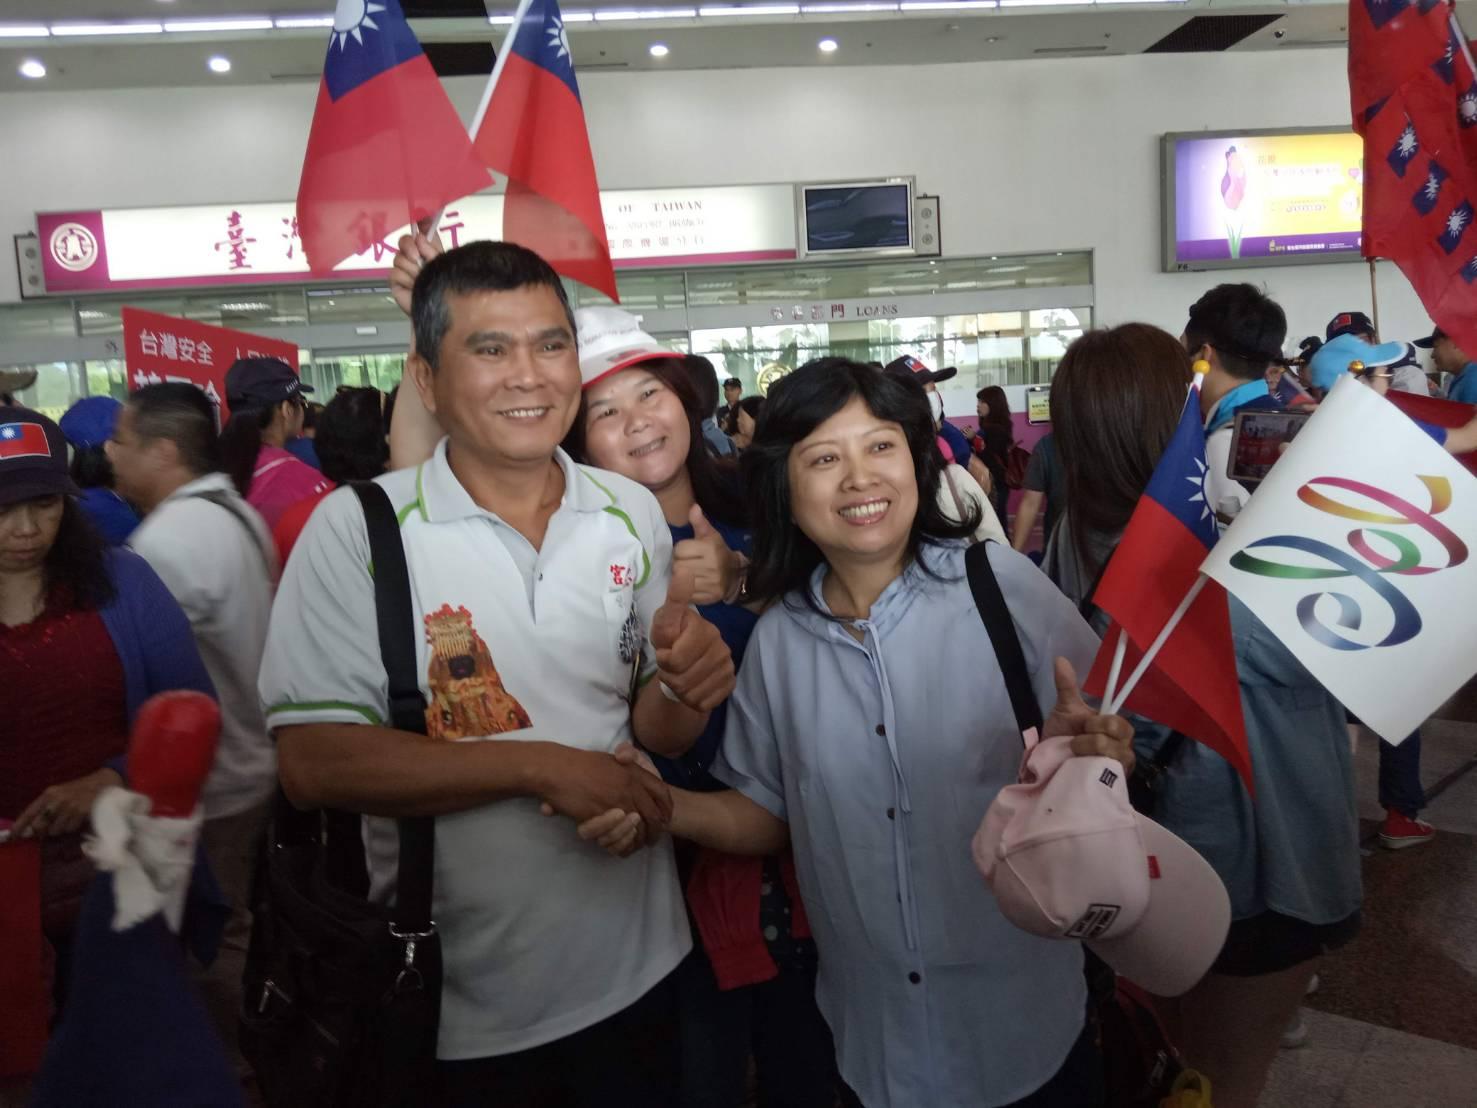 (影) 韓國瑜返抵國門 韓粉萬人小港機場接機高喊「韓總統」 | 政治 | 新頭殼 Newtalk